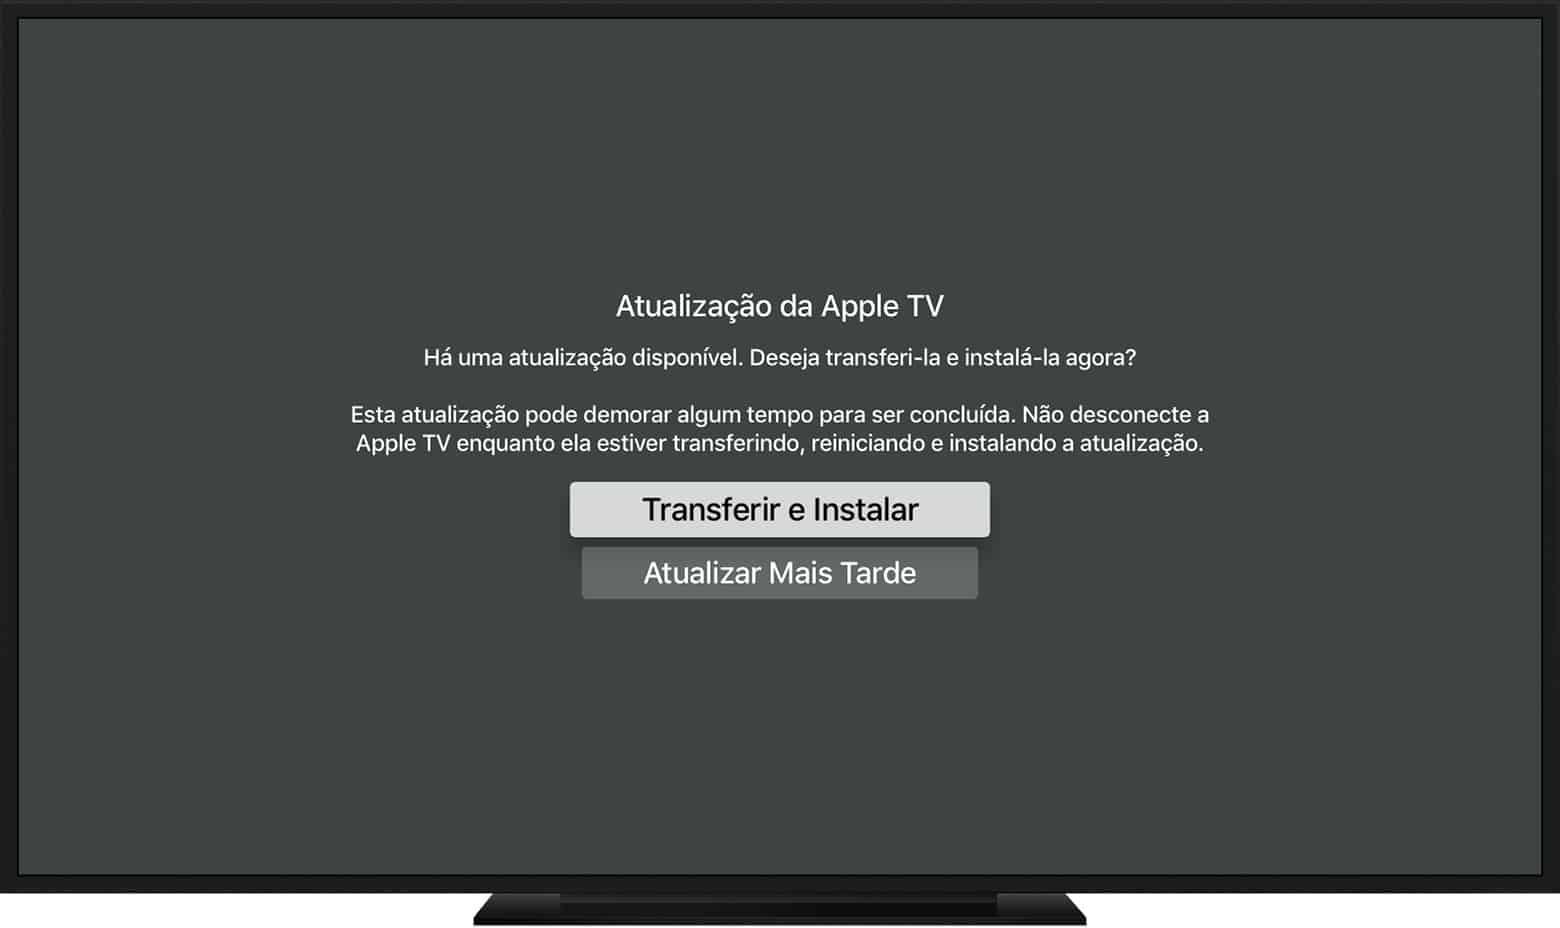 Atualizar Apple TV